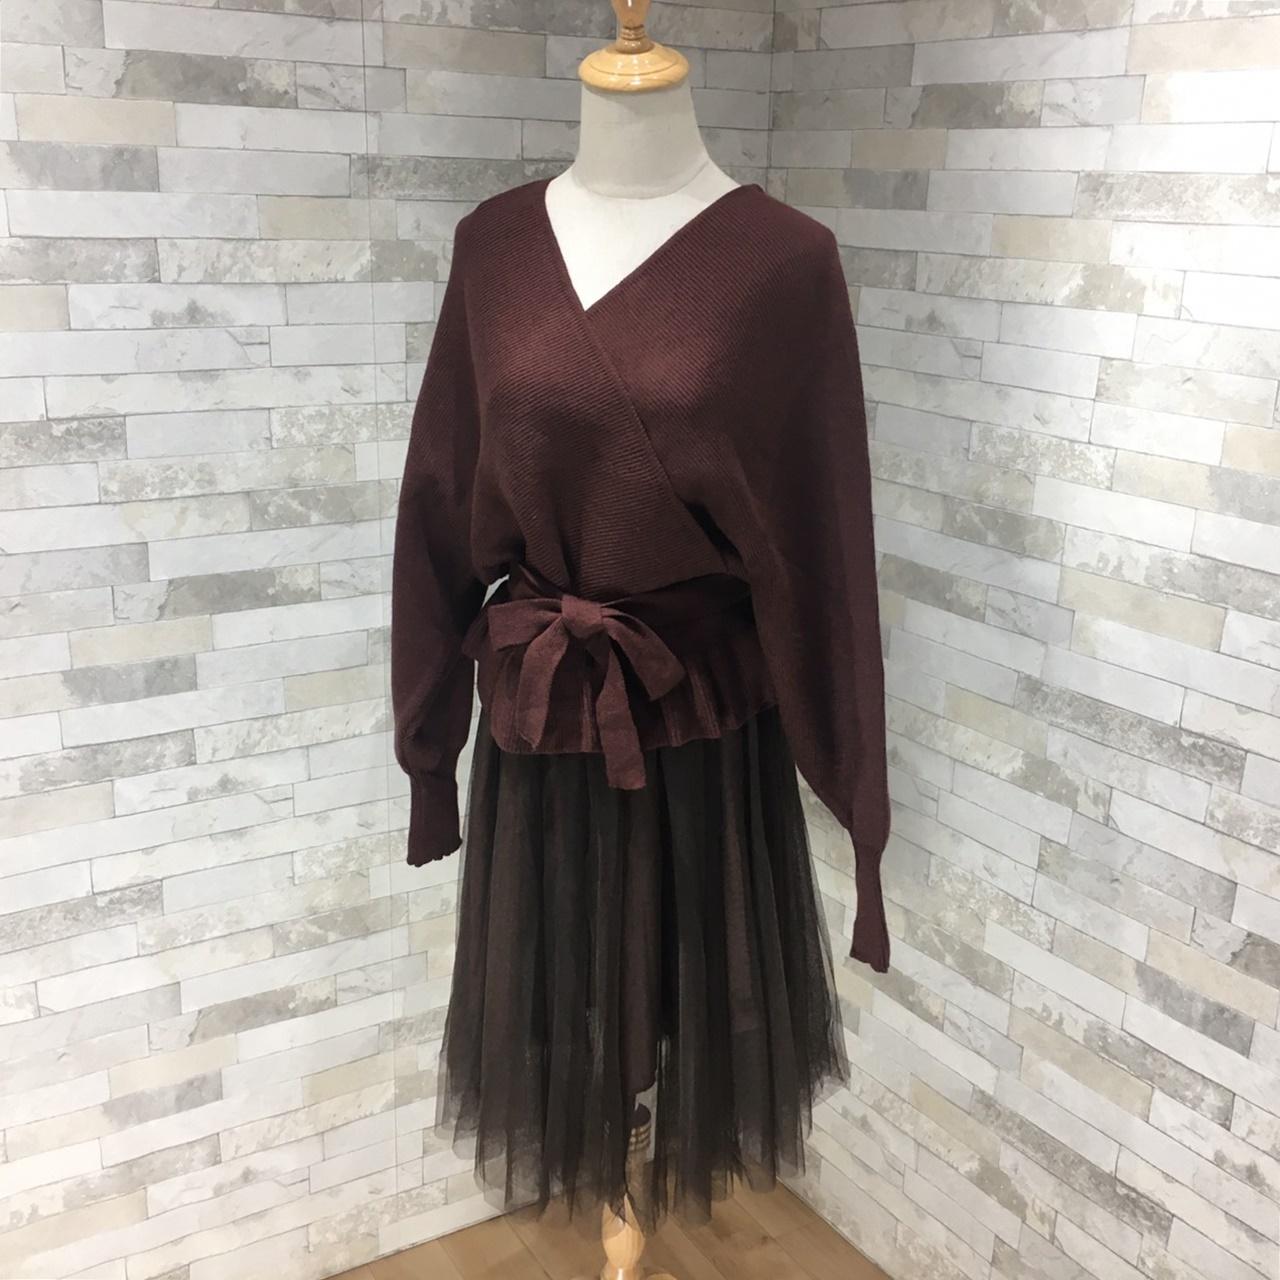 韓国 ファッション セットアップ 秋 冬 春 カジュアル PTXG298  ペプラム ゆったり リブ チュールスカート オルチャン シンプル 定番 セレカジの写真4枚目